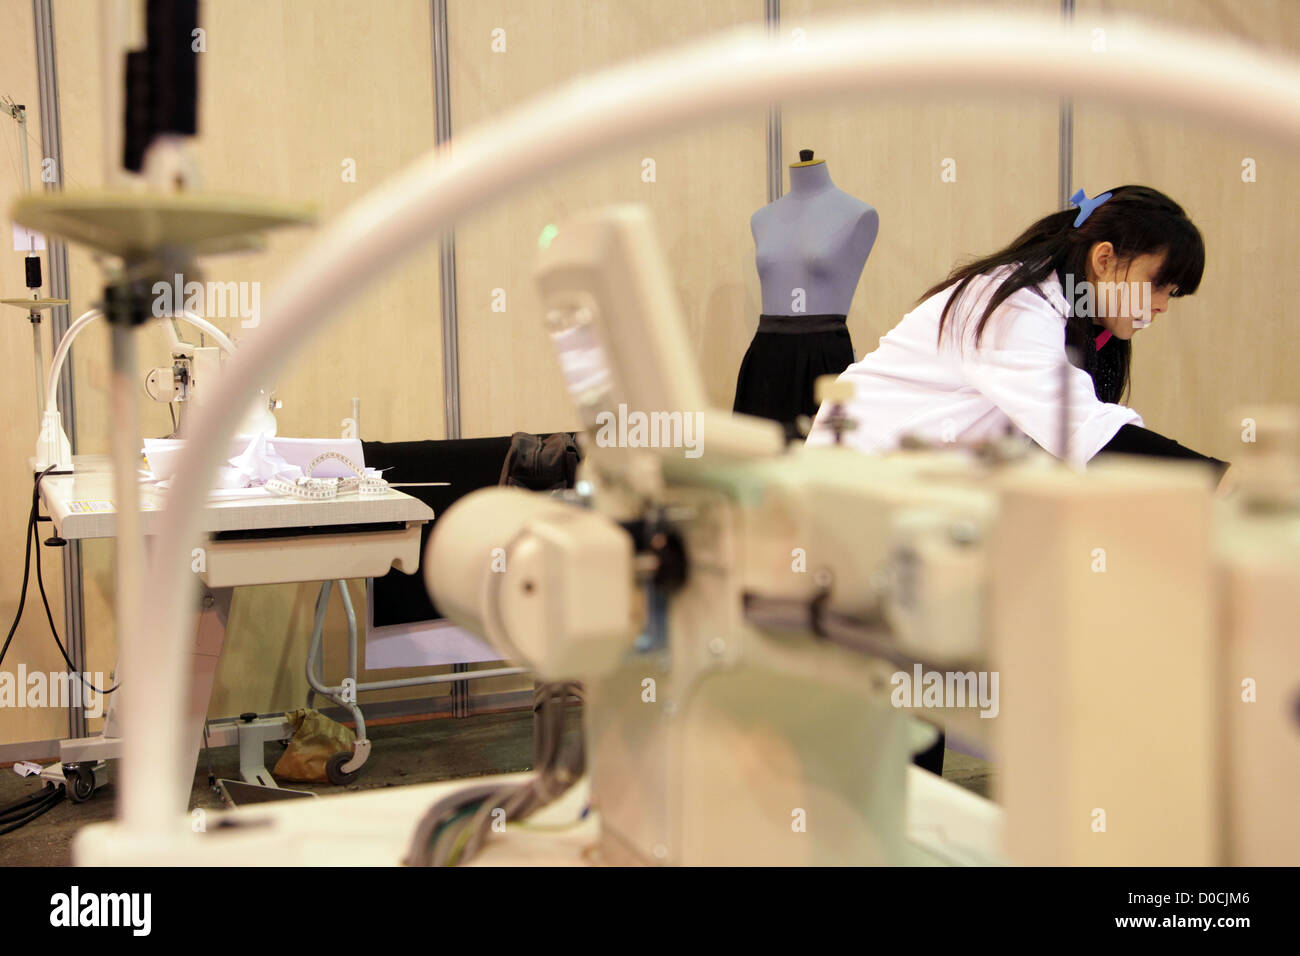 Étudiant EN DESIGN DE MODE ET DE COUTURE 42ÈME OLYMPIADES DES MÉTIERS EN BRETAGNE RENNES FRANCE Photo Stock